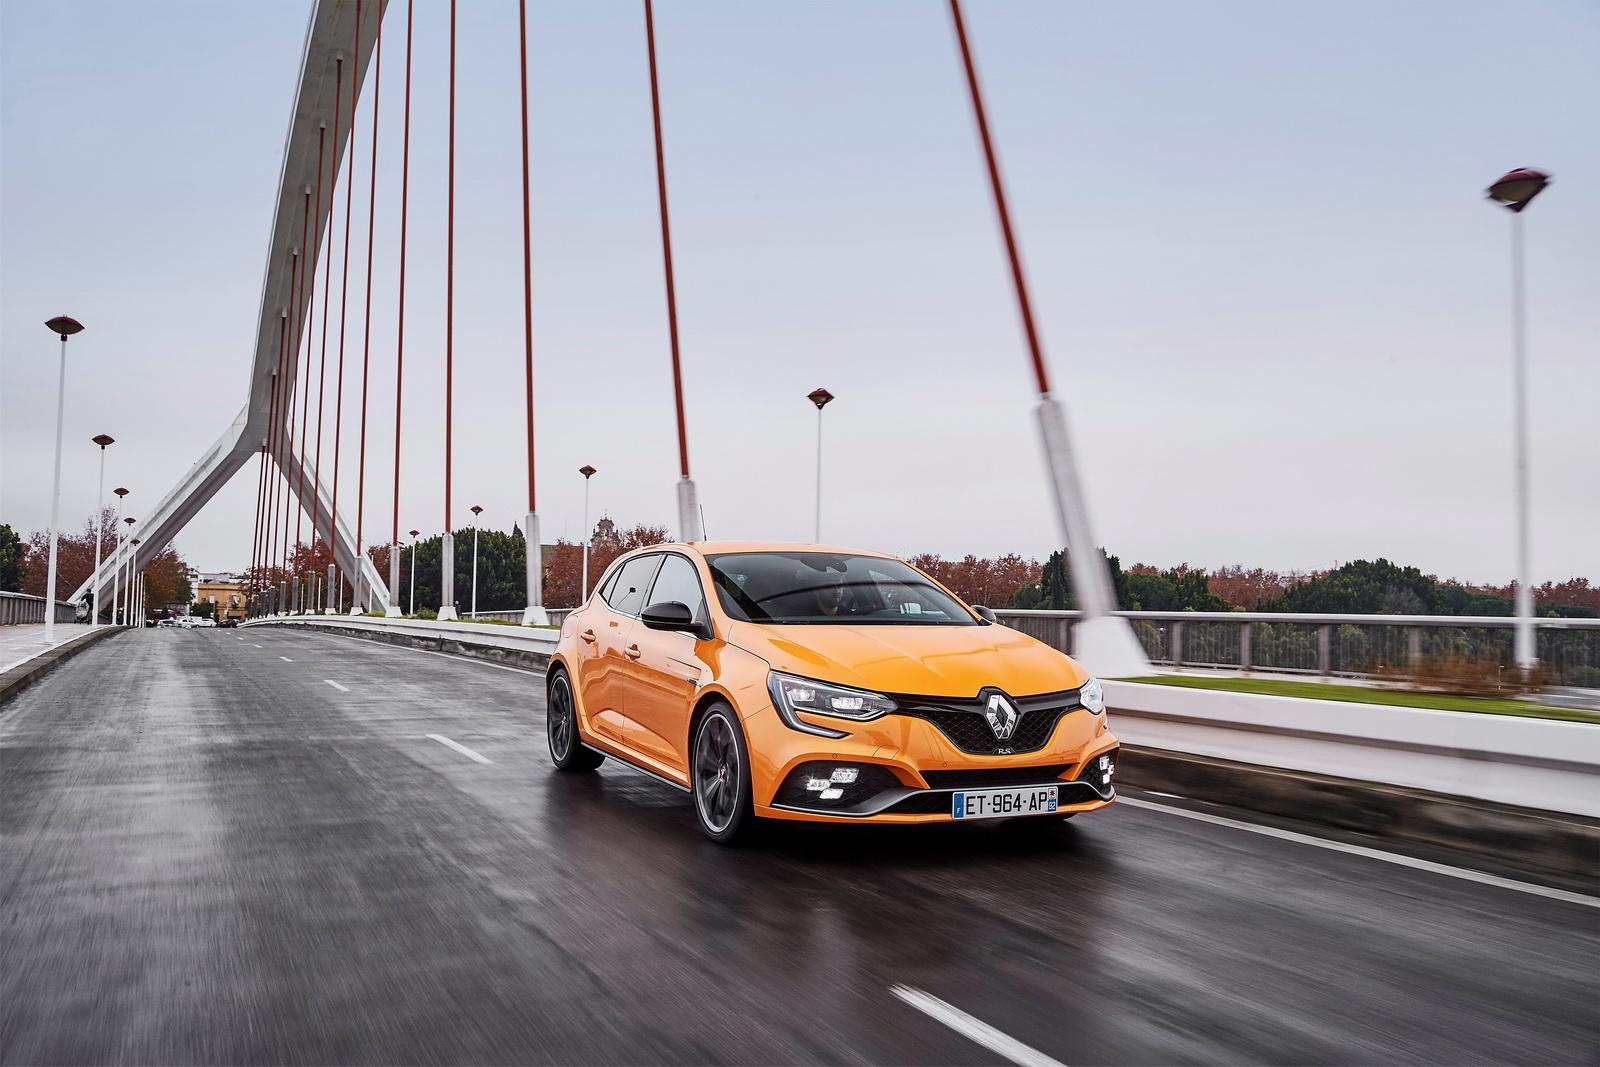 Photo of Yeni Renault Megane R.S.'i detaylı fotoğraflarıyla tanıyalım